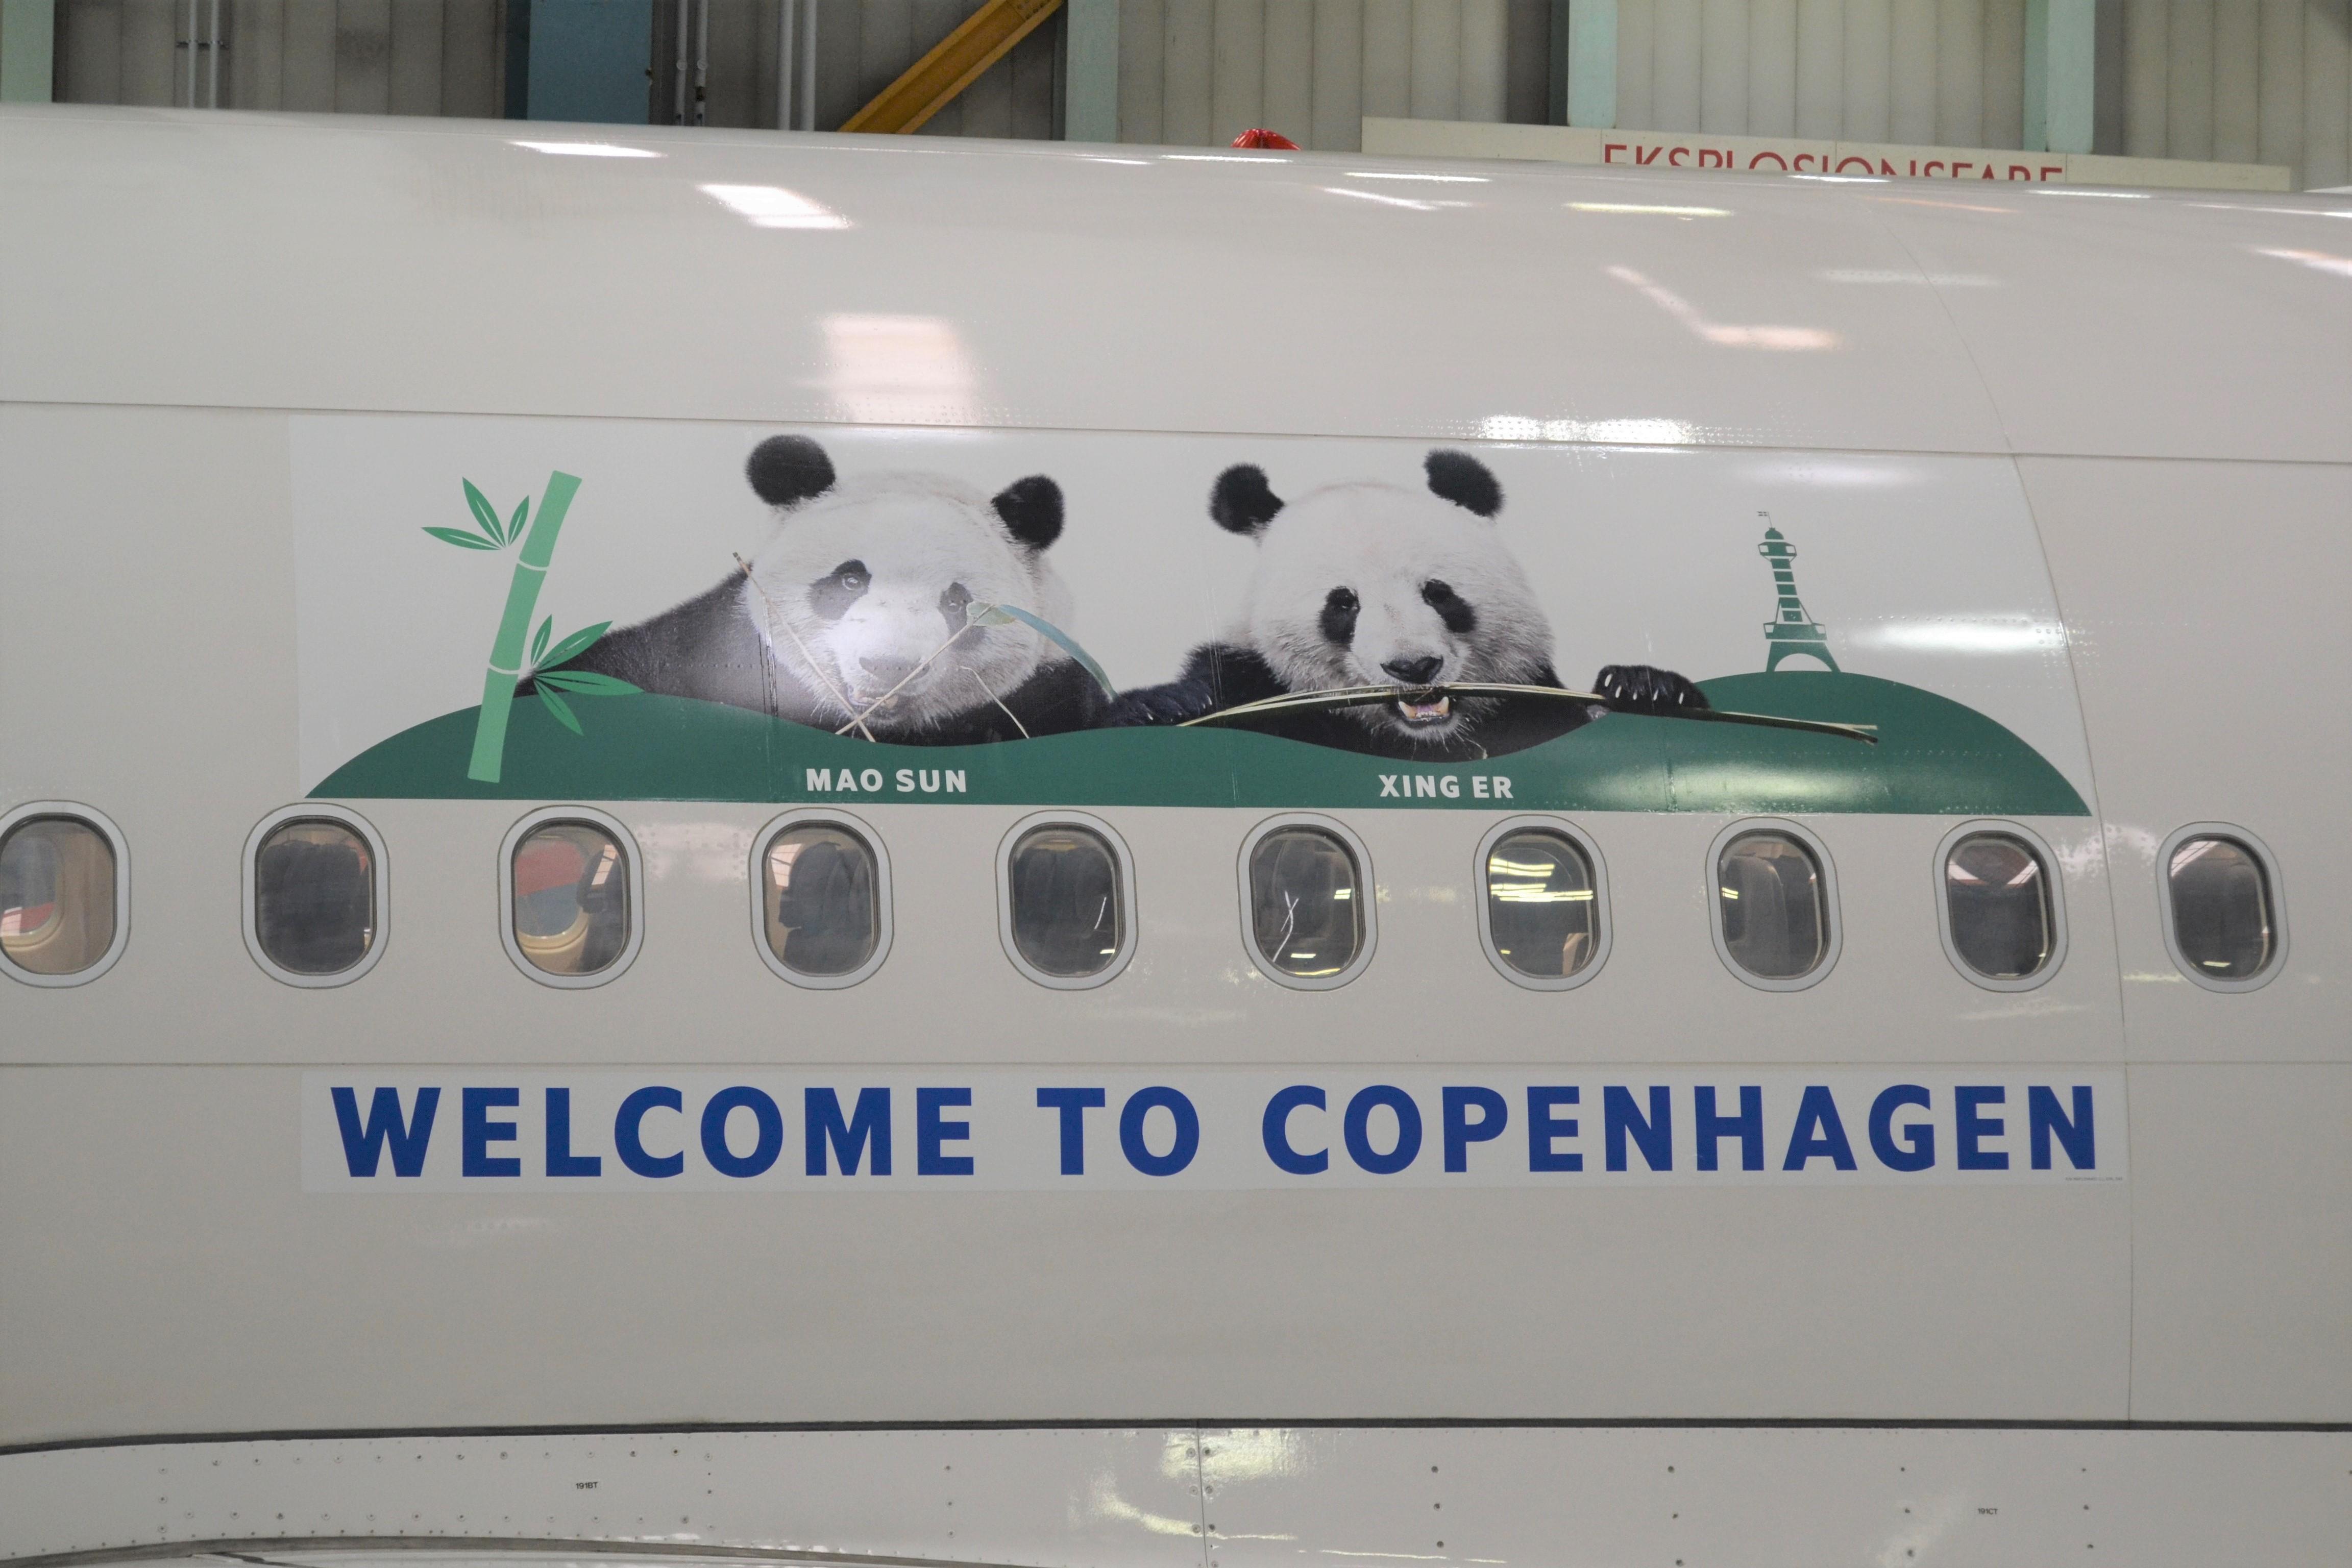 Folieringen med de to store pandaer pryder det SAS A340-fly, der torsdag bringerne bamserne til Københavns Lufthavn. Den særlige udsmykning bliver på flyet de næste måneder. Foto: SAS Cargo/SAS.